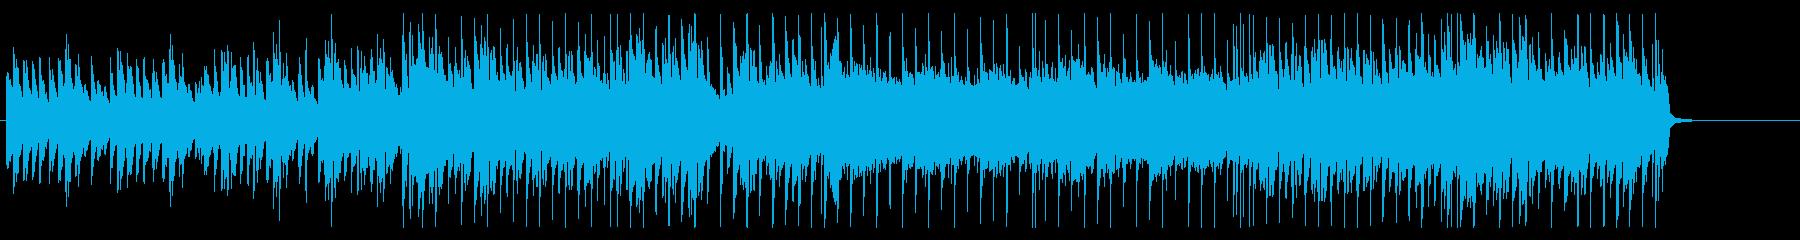 すっきりさわやかでPOPなオープニングの再生済みの波形